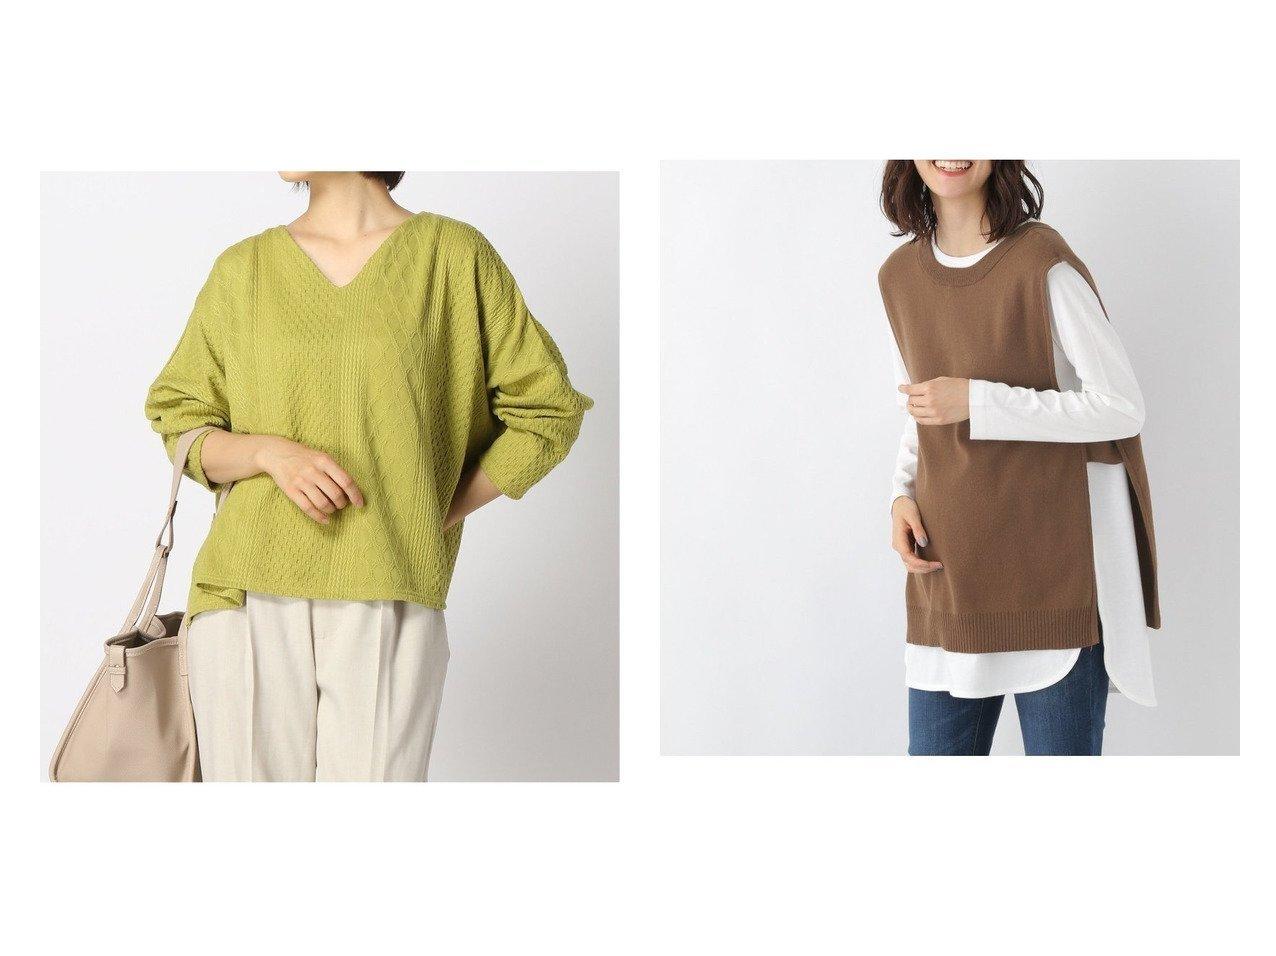 【LEPSIM LOWRYS FARM/レプシィム ローリーズファーム】のMT2WAYニットベスト&ケーブルVネックPO おすすめ!人気、トレンド・レディースファッションの通販 おすすめで人気の流行・トレンド、ファッションの通販商品 インテリア・家具・メンズファッション・キッズファッション・レディースファッション・服の通販 founy(ファニー) https://founy.com/ ファッション Fashion レディースファッション WOMEN トップス・カットソー Tops/Tshirt ニット Knit Tops Vネック V-Neck アウター Coat Outerwear キャミソール / ノースリーブ No Sleeves ベスト/ジレ Gilets/Vests NEW・新作・新着・新入荷 New Arrivals カットソー バランス 楽ちん 長袖 インナー スリット ノースリーブ ベスト 洗える |ID:crp329100000071062